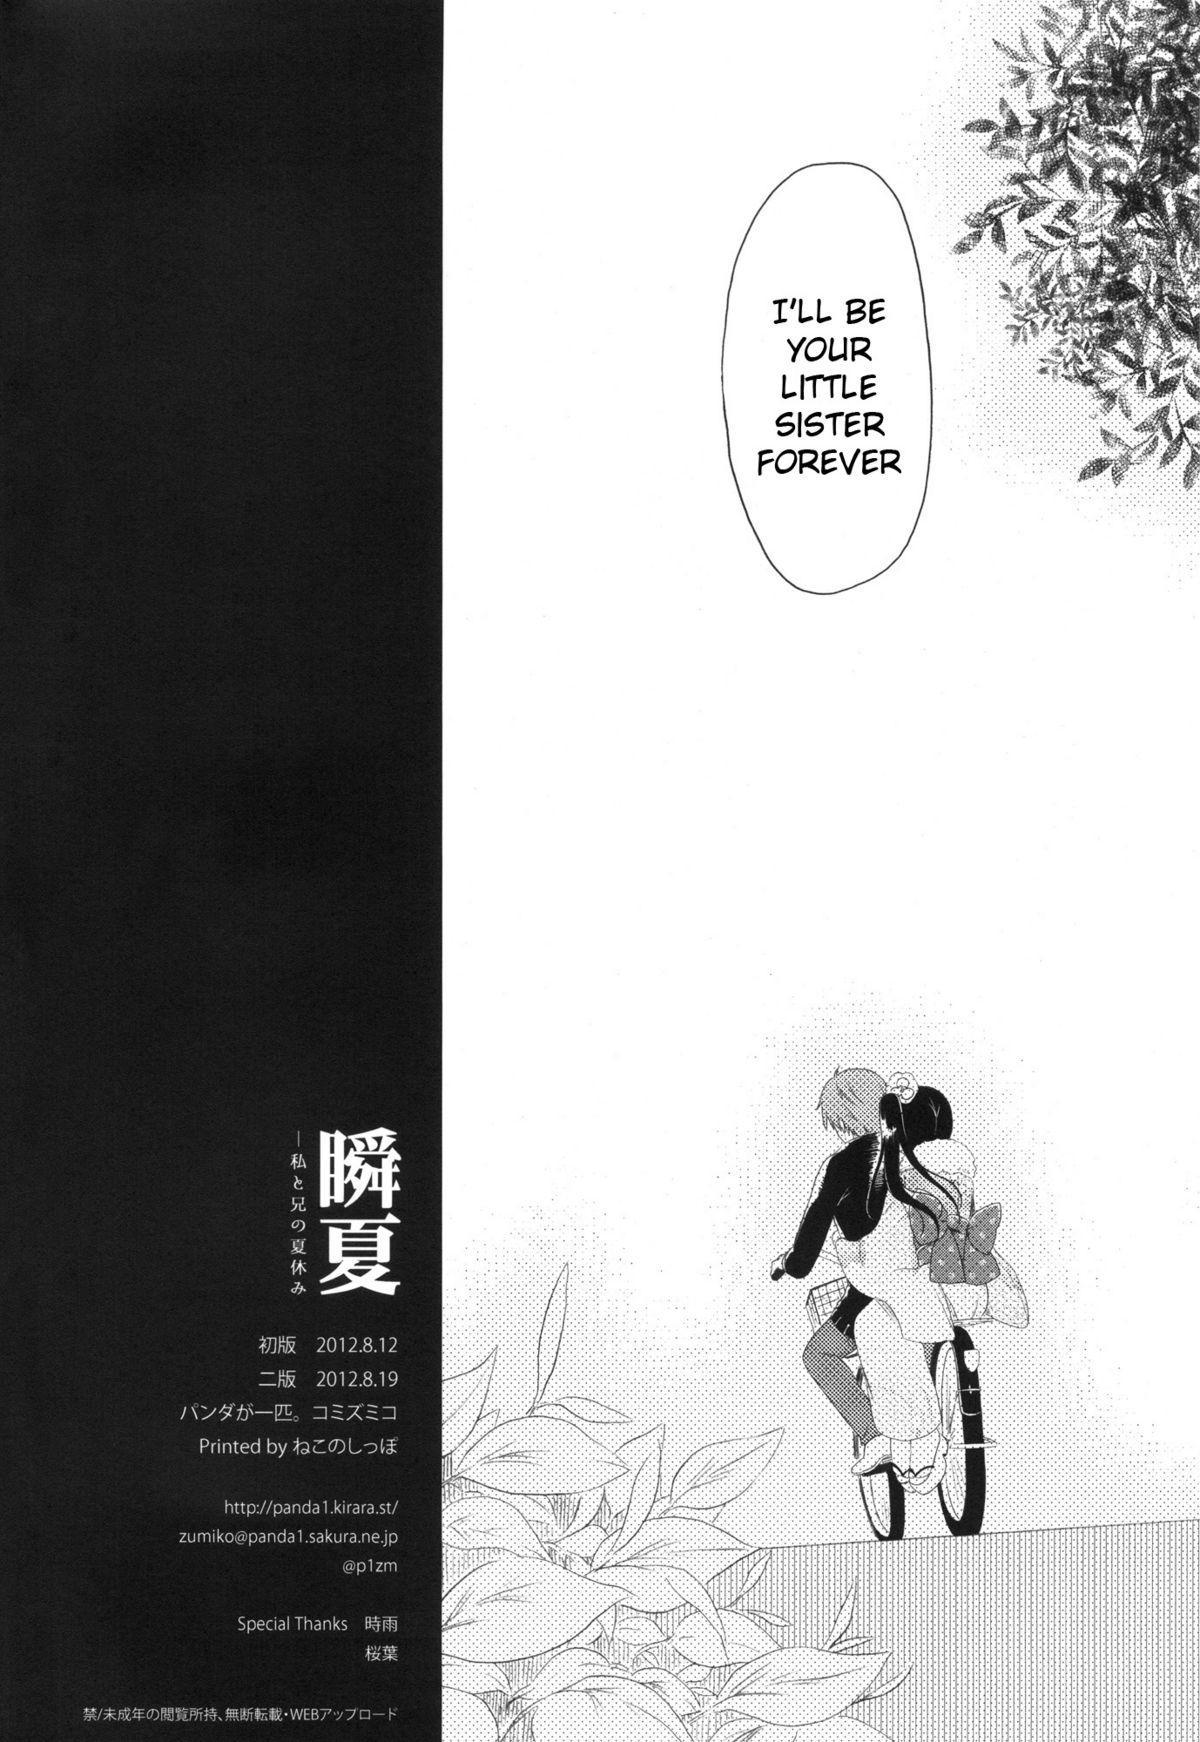 (C82) [Panda ga Ippiki. (Komizu Miko)] Shunka - Watashi to Ani no Natsuyasumi | One Second of Summer - My Brother's and My Summer Vacation [English] [RedBlueGreen] 40